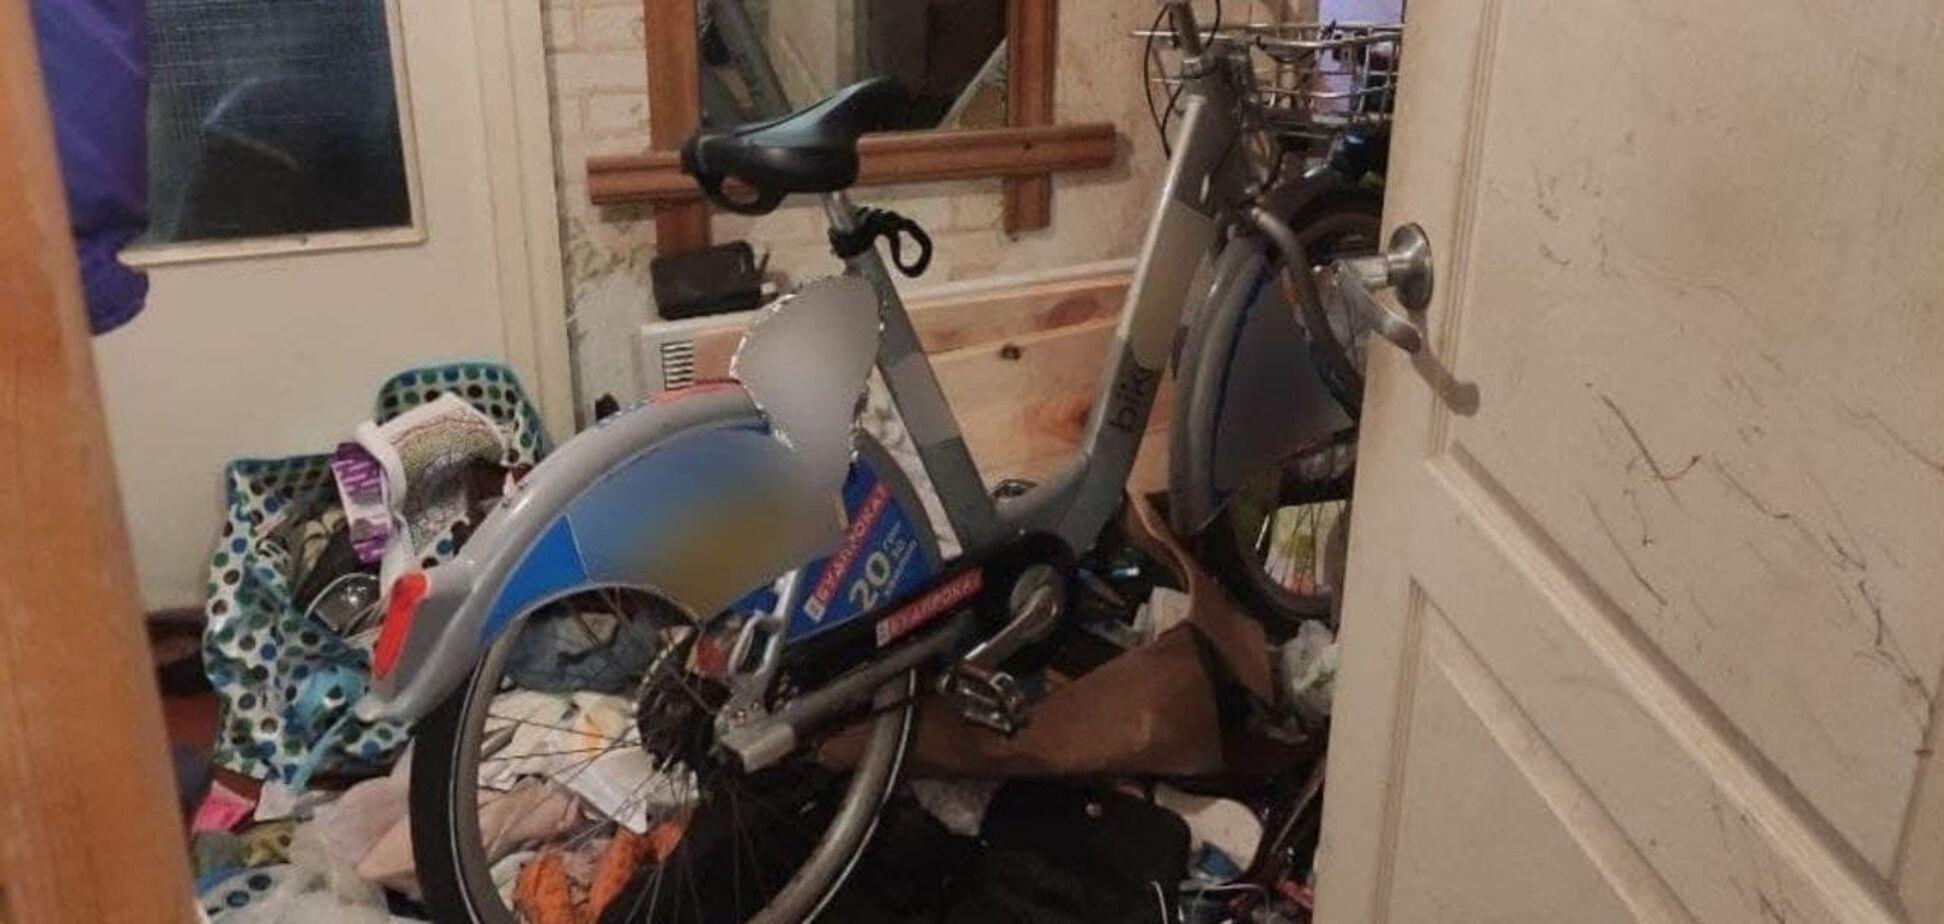 В Киеве парень воровал велосипеды из пункта проката: его поймали с поличным. Фото